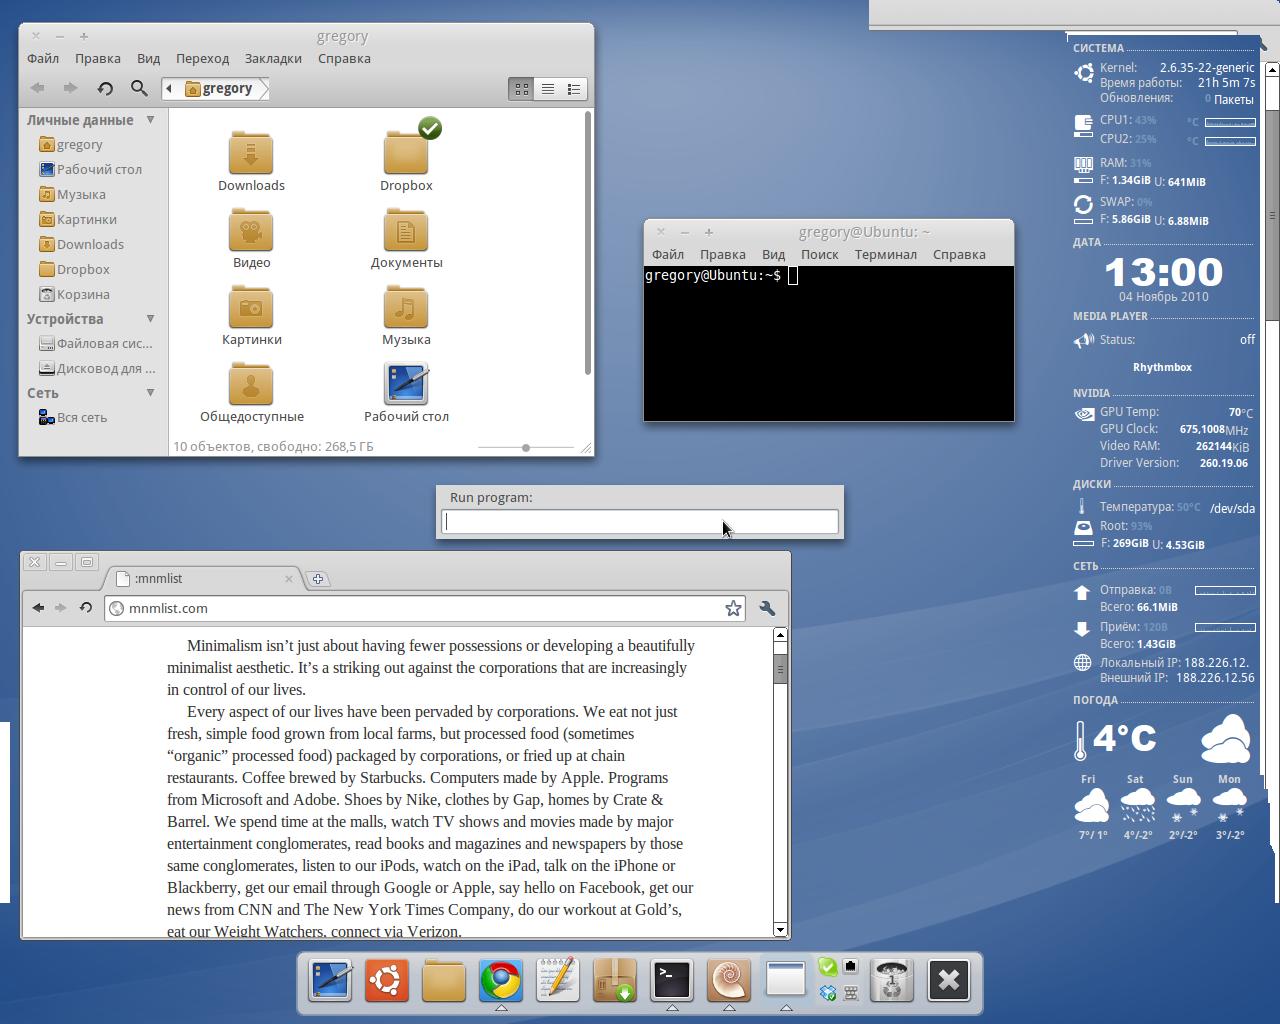 Обзор системы русскоязычная документация по ubuntu